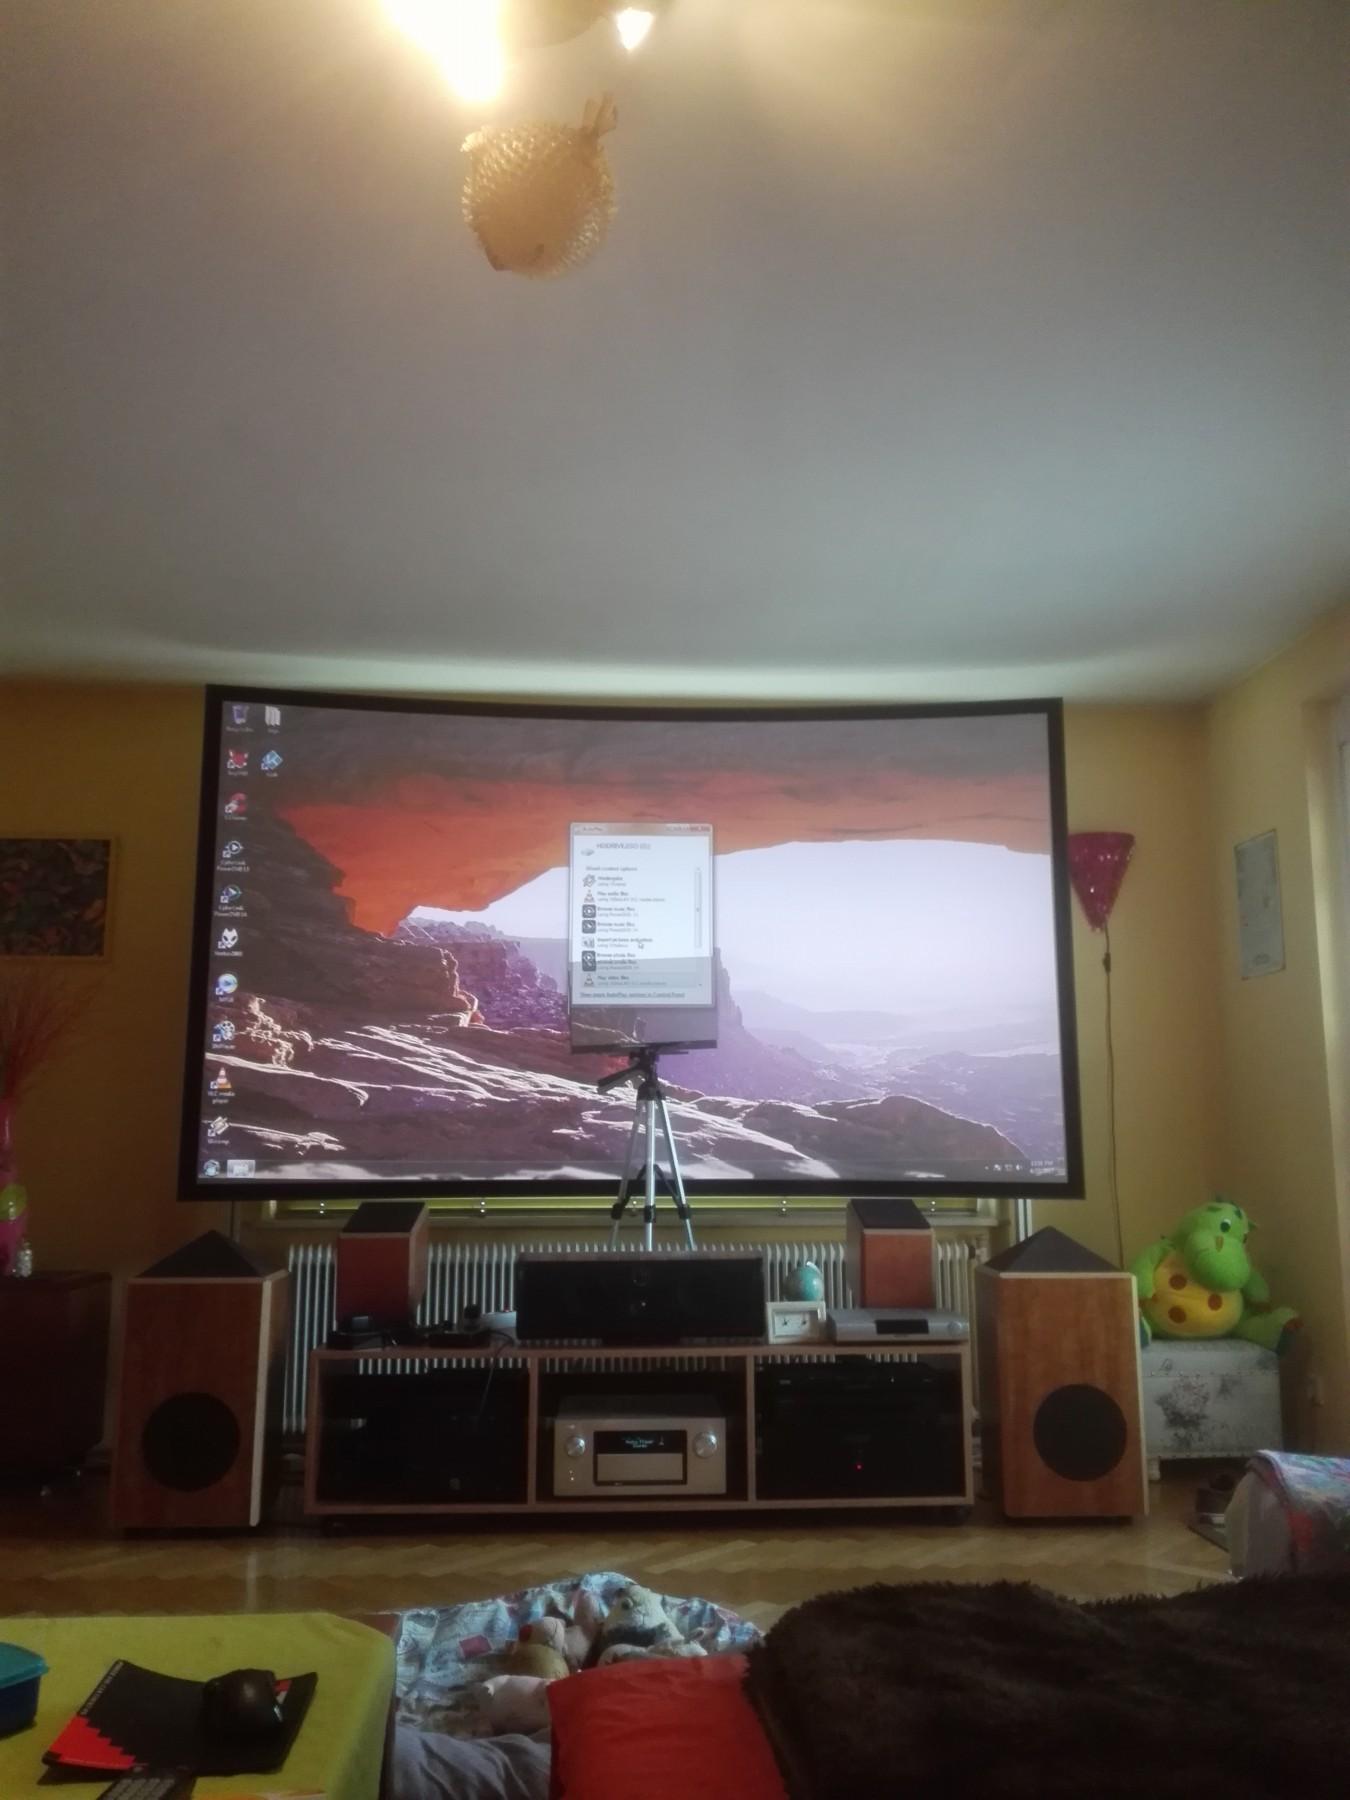 Img 20170622 135611 hifi bildergalerie - Couchscreen leinwand ...